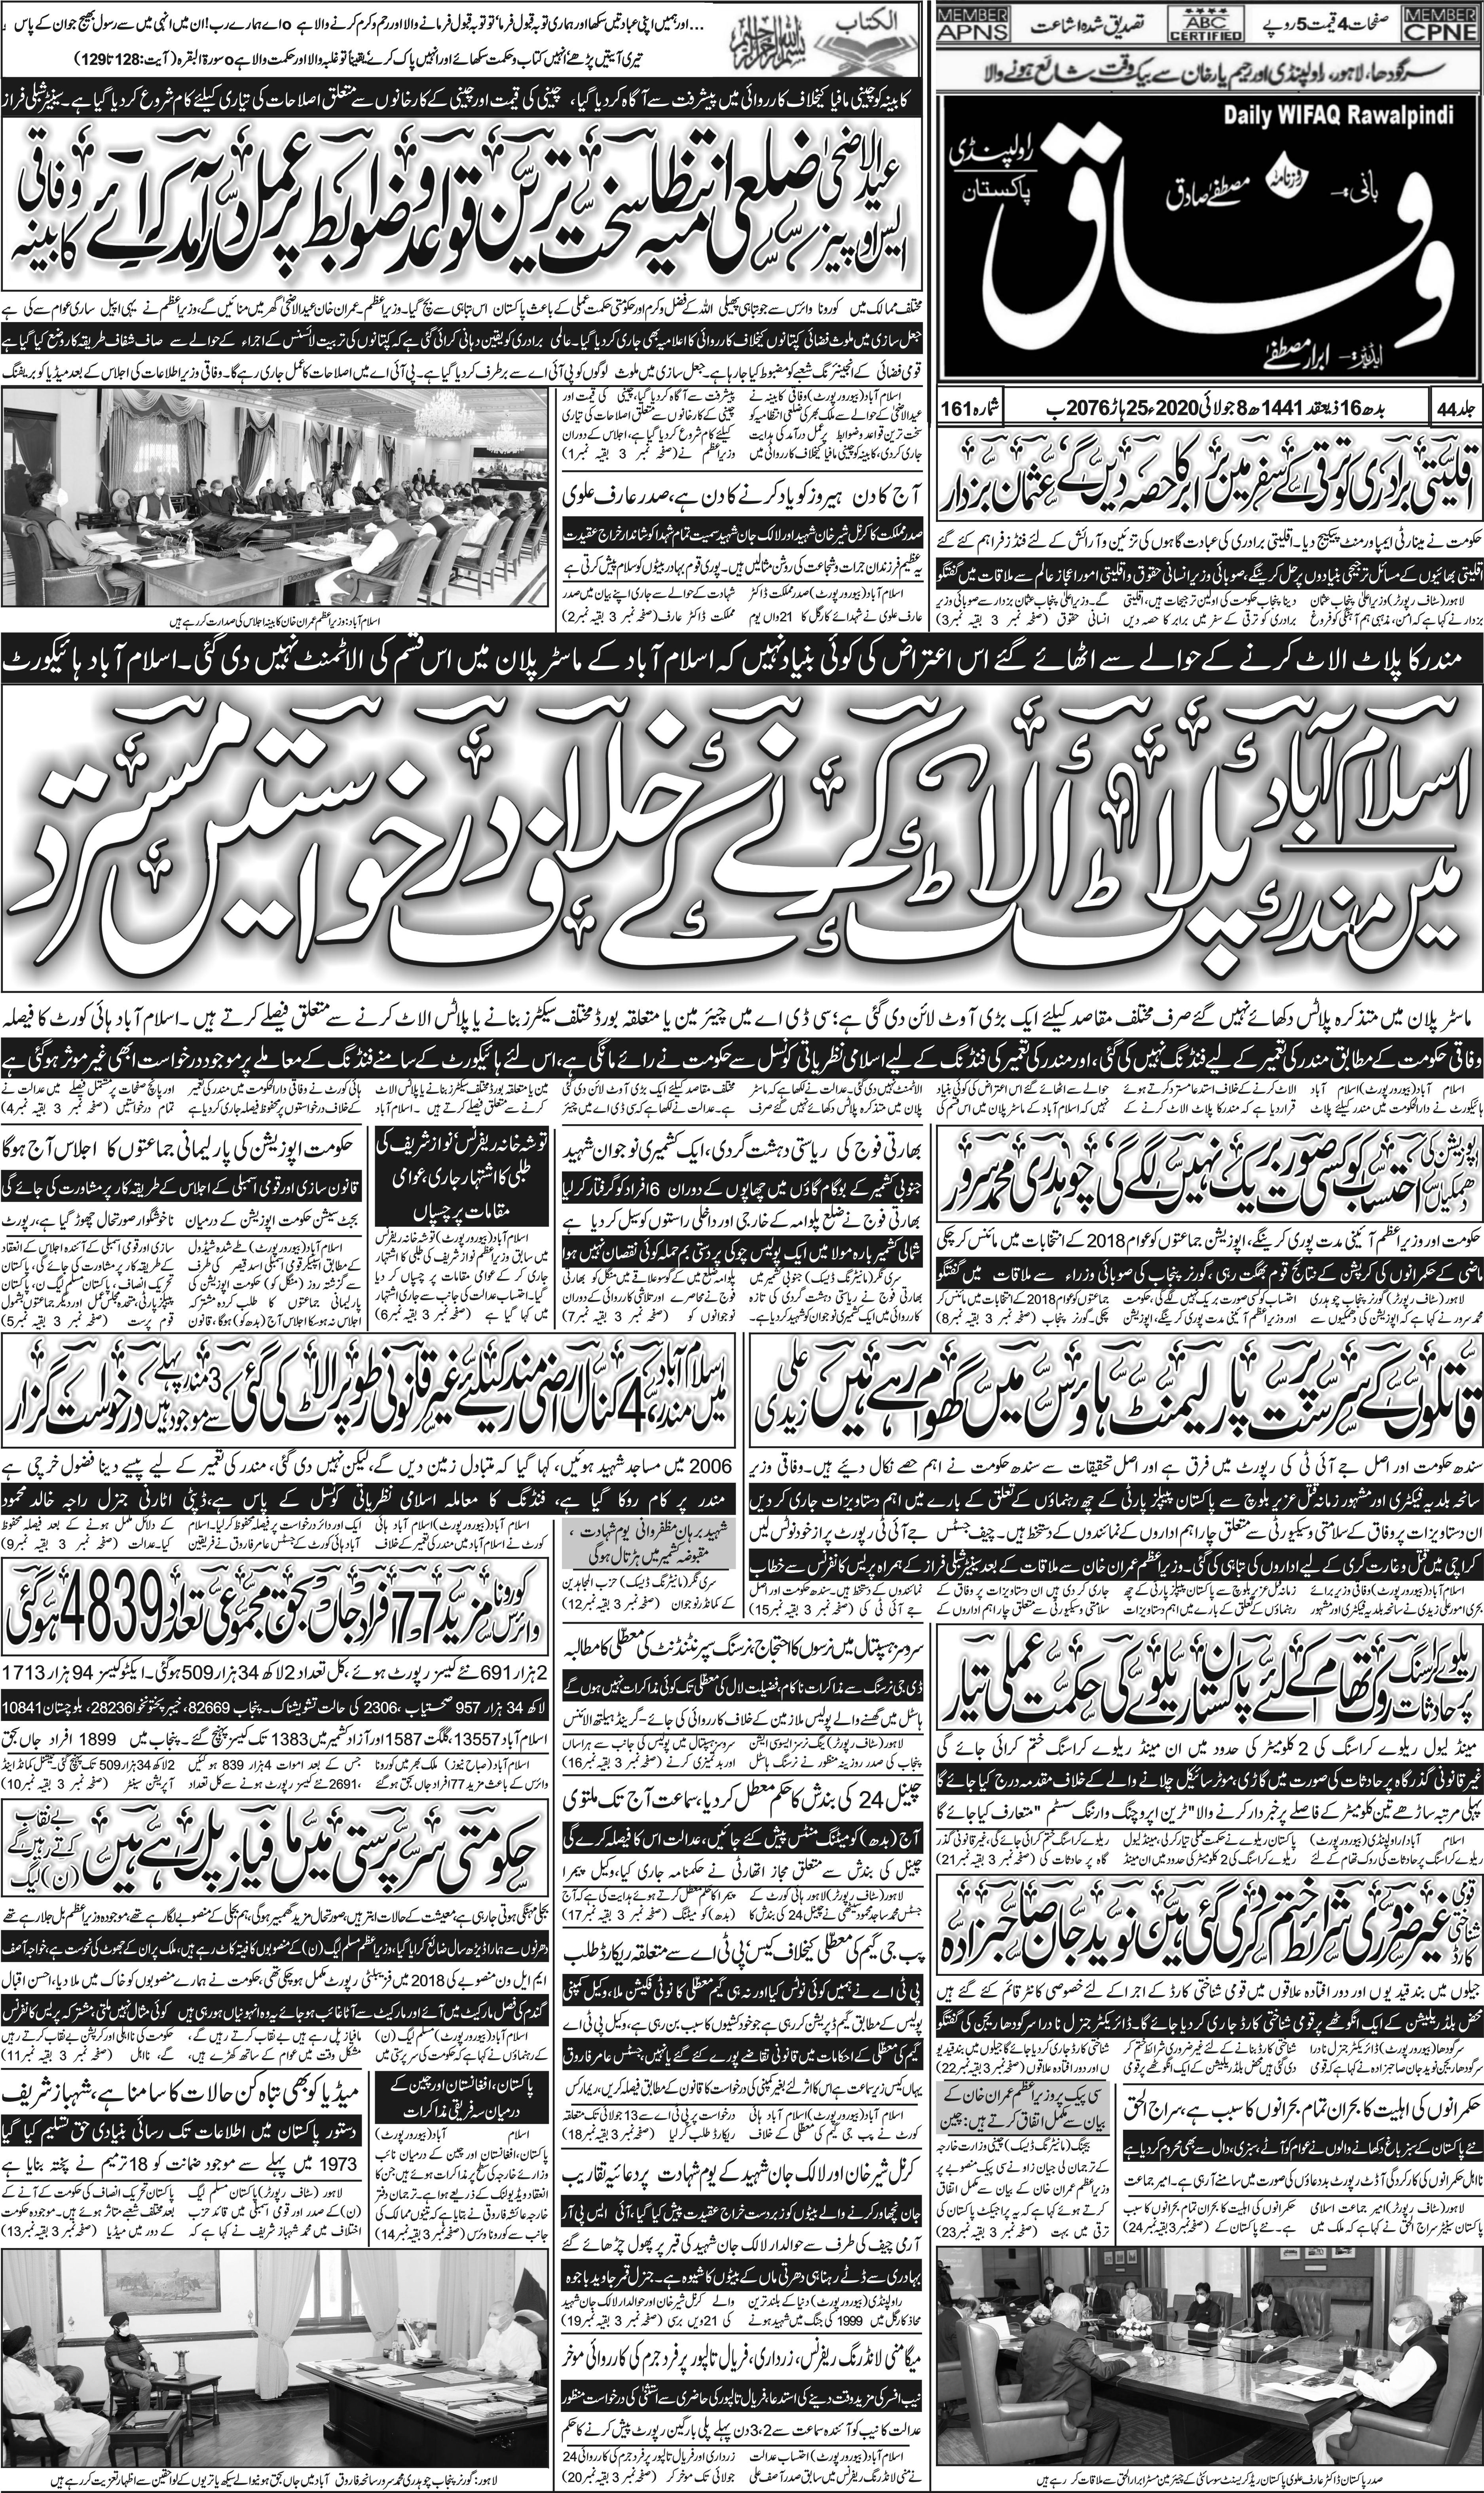 e-Paper – Daily Wifaq – Rawalpindi – 08-07-2020